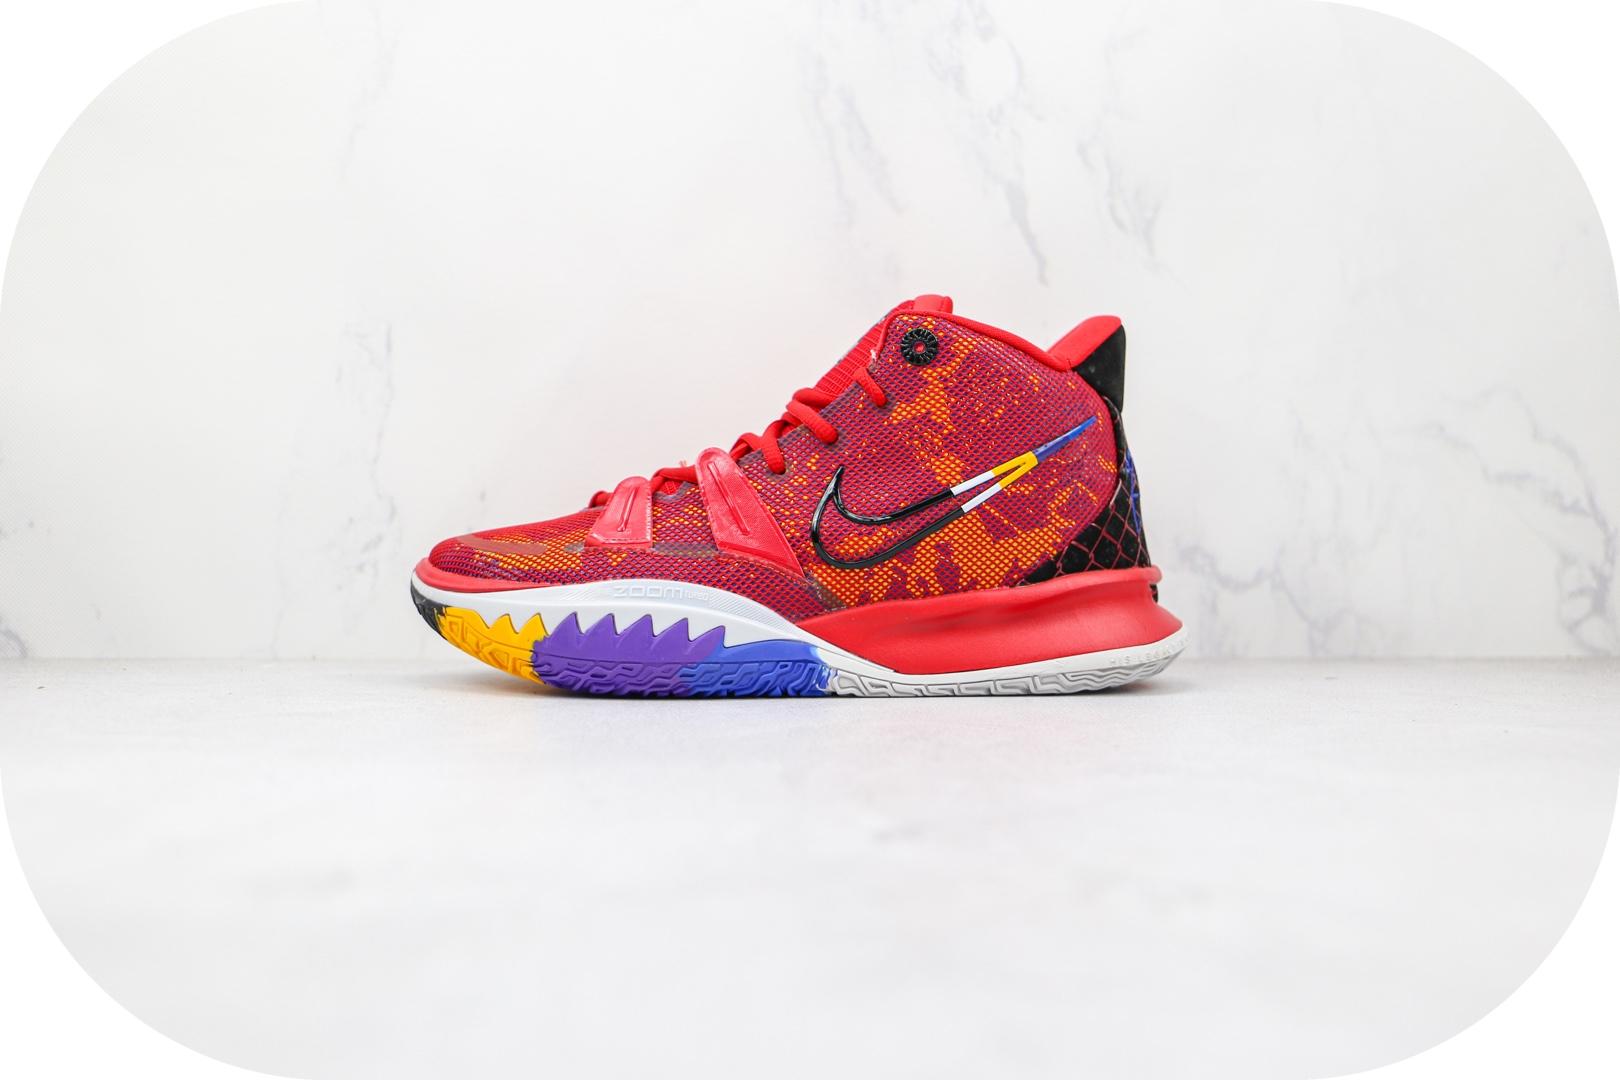 耐克Nike Kyrie 7 Ep纯原版本欧文7代红色英雄主题篮球鞋内置气垫支持实战 货号:DC0589-600